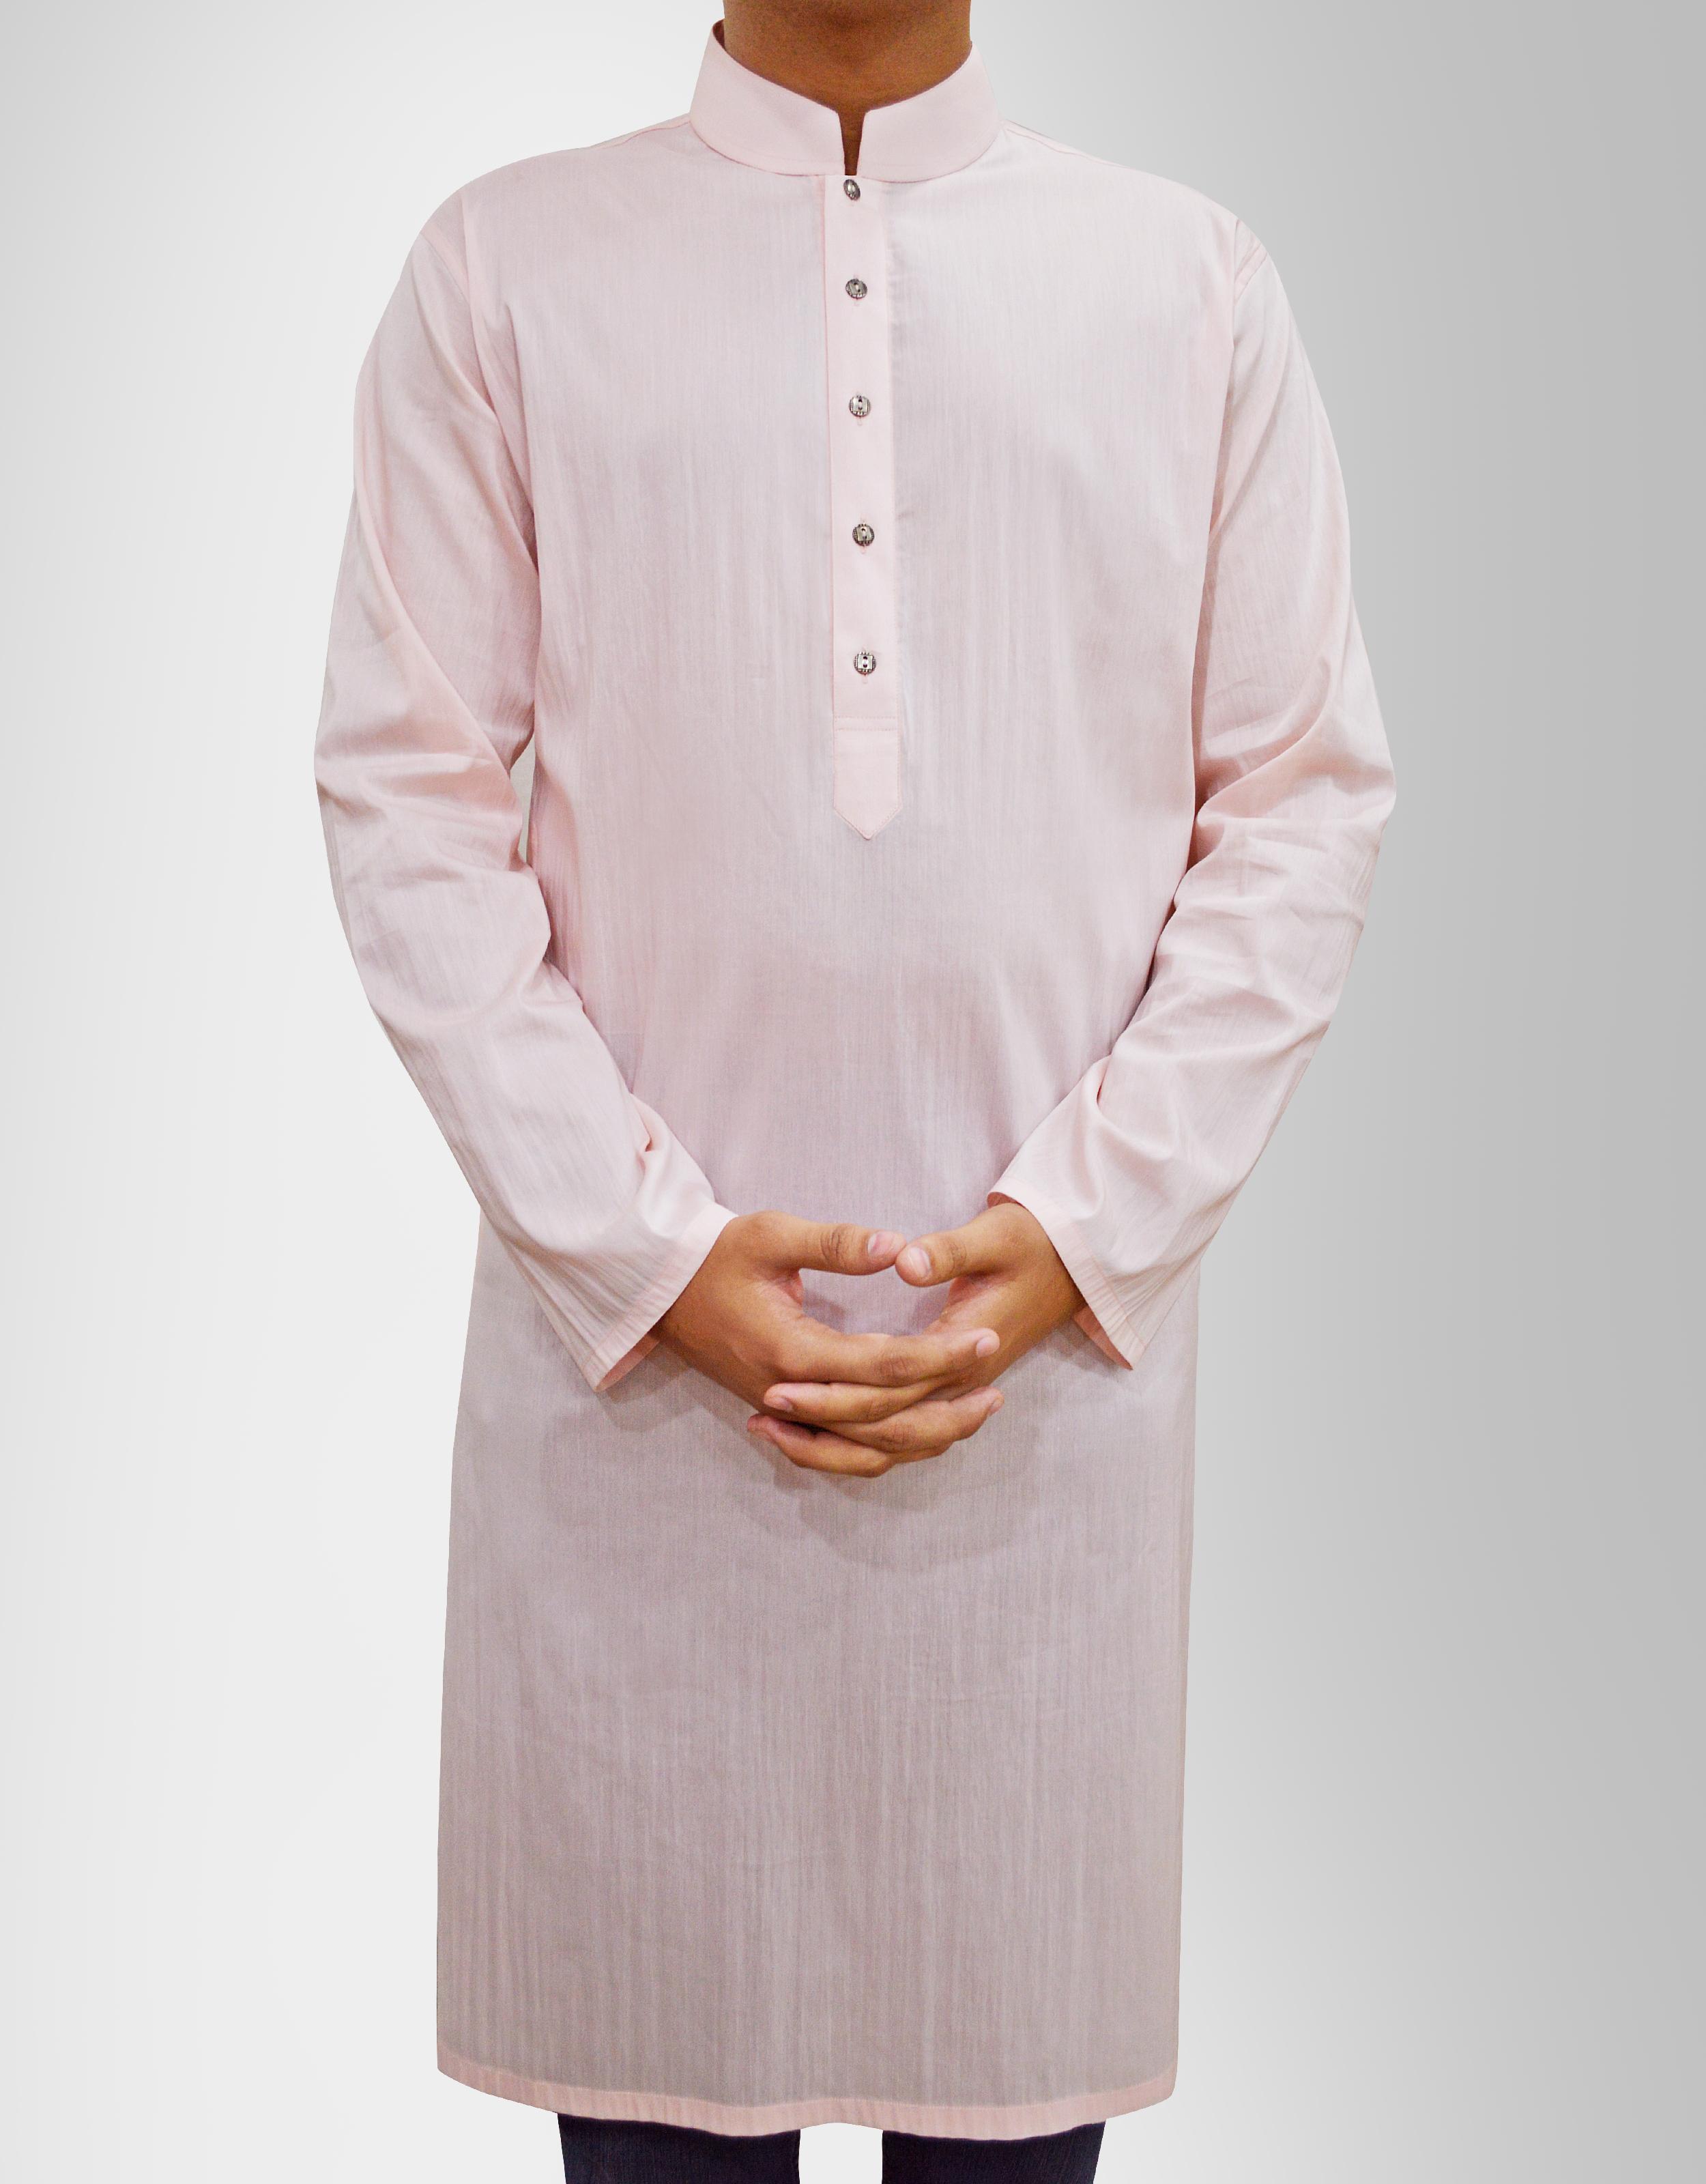 Amir-Adnan-winter-collection (5)